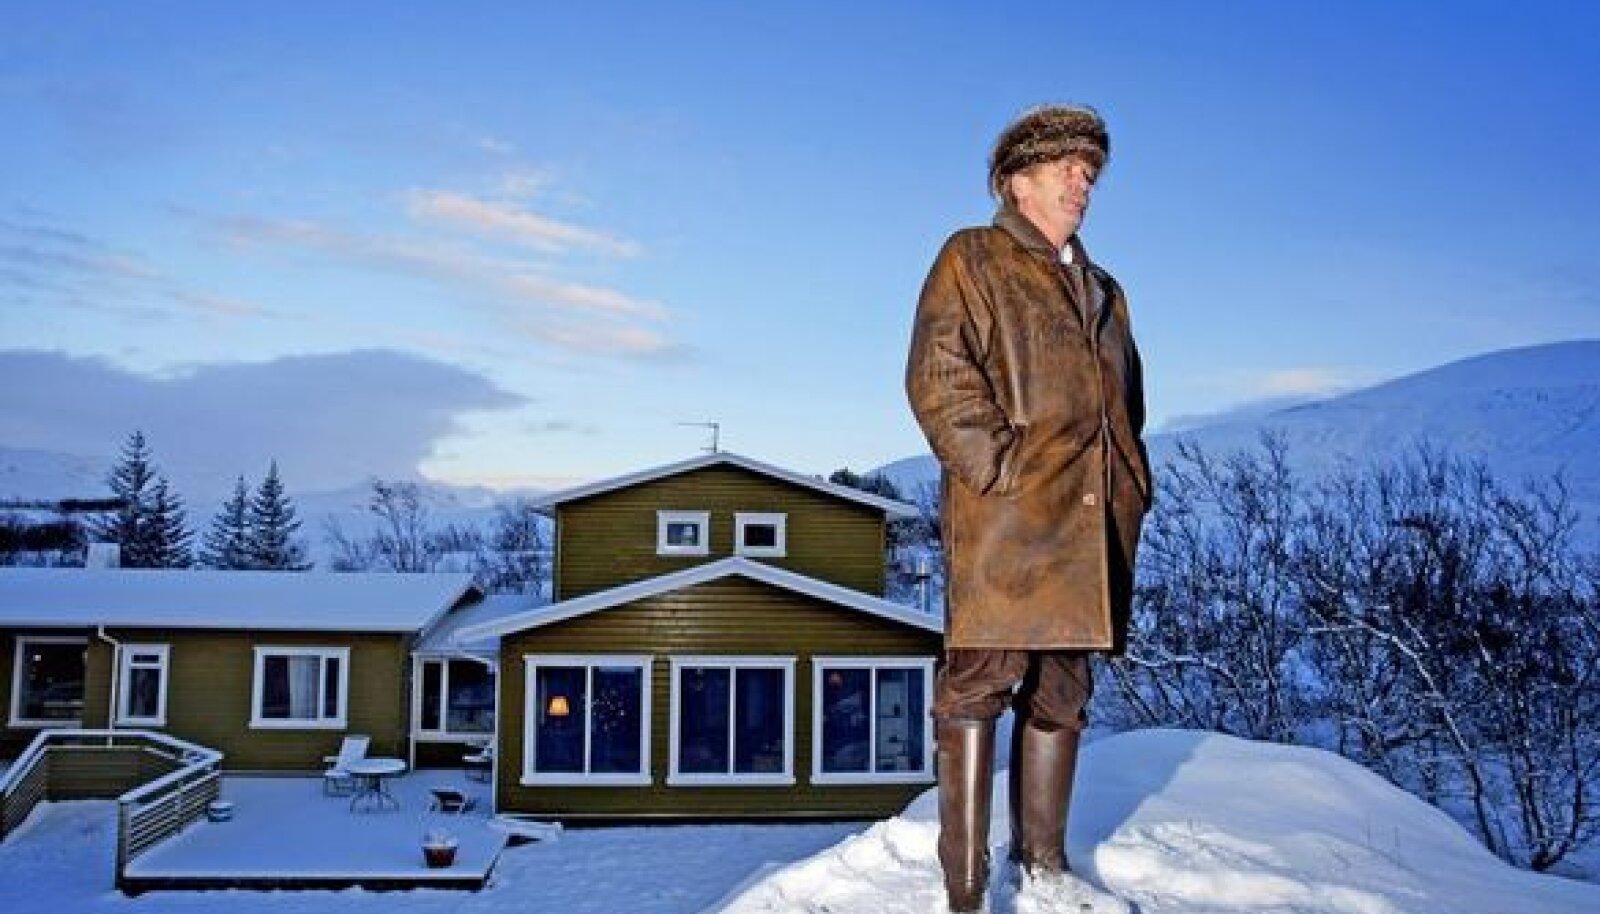 """VALMISTUB POLIITIKASSE NAASMA: Jón Baldvin Hannibalsson ütleb, et islandlasena on tema kohus teha kõike, mida ta oma riigi heaks suudab. """"Meie ainsaks šansiks on uued valimised – nii ruttu kui võimalik, soovitavalt jaanuari algul. Praegune valitsus ei suuda seda probleemi lahendada."""""""